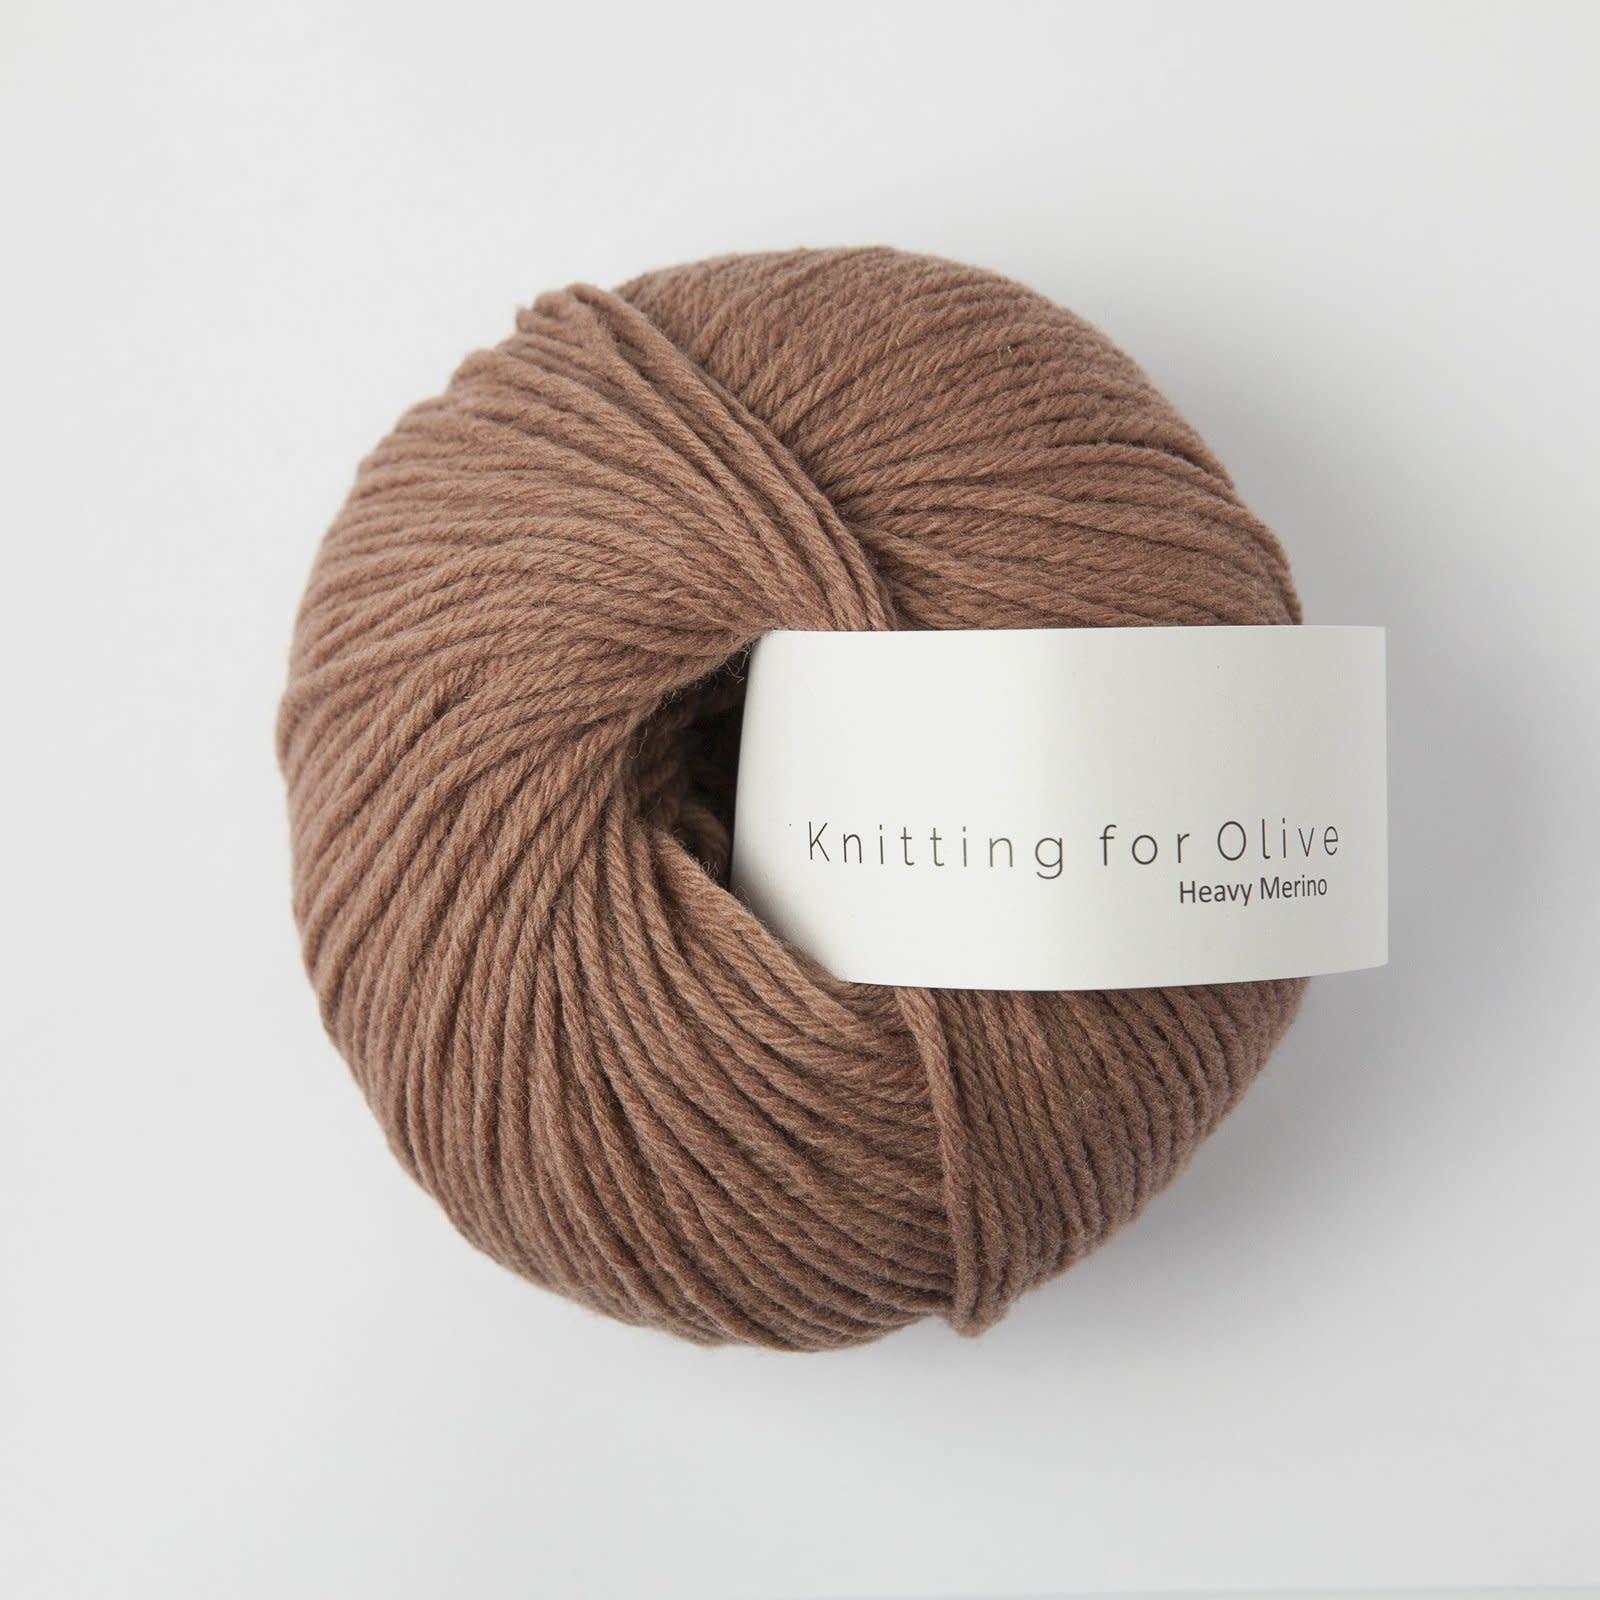 knitting for olive Knitting for Olive Heavy Merino - Brown Nougat